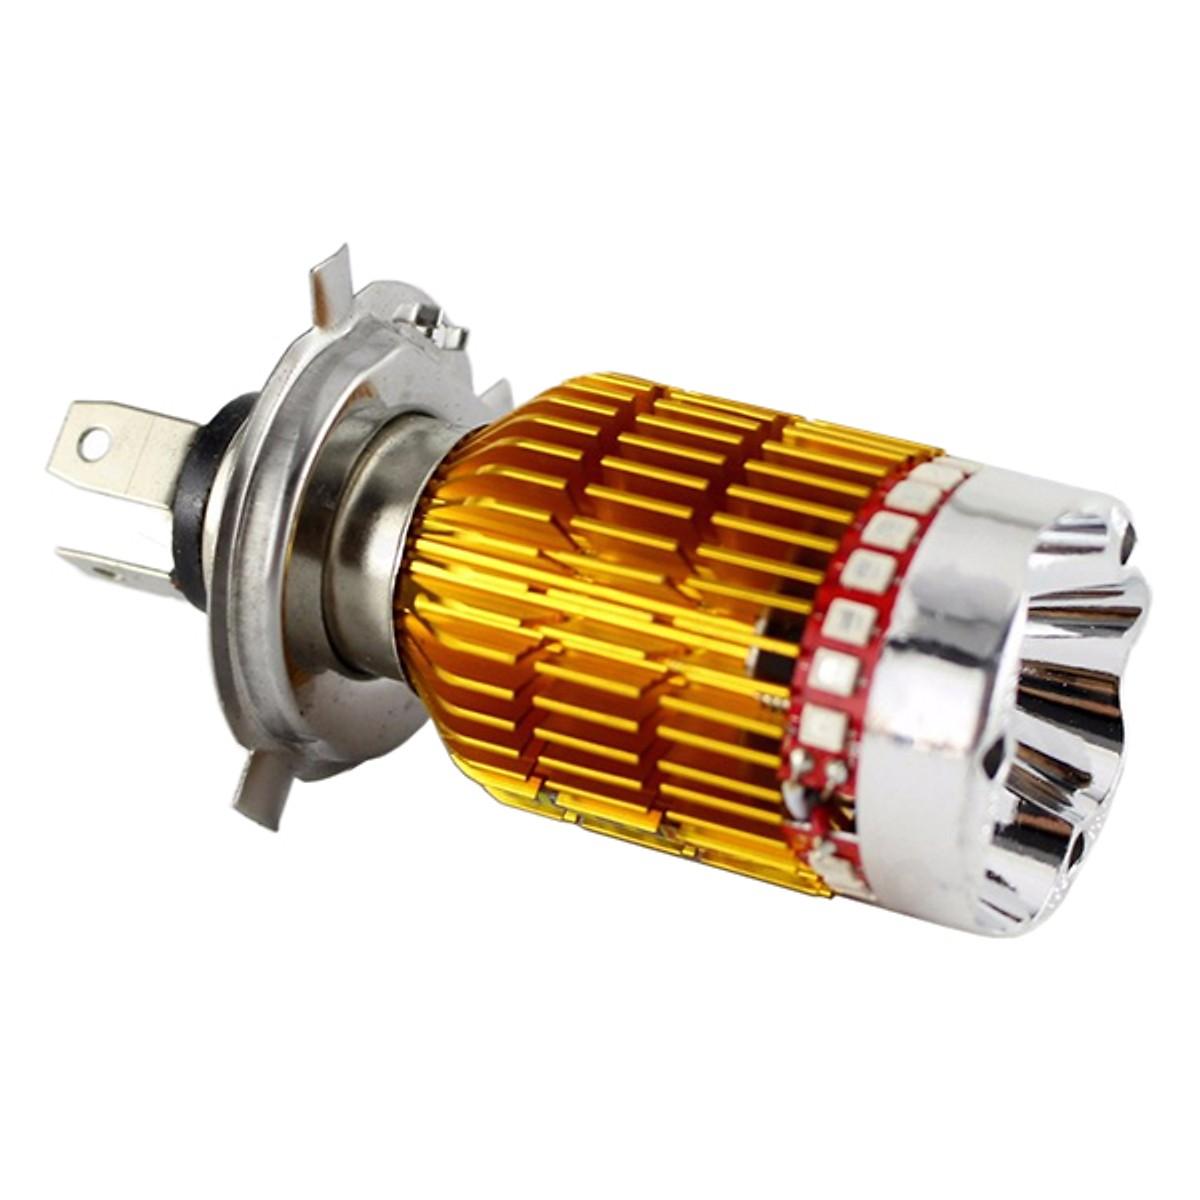 Đèn Pha LED dành cho Xe Máy - 7 Màu Chân H4